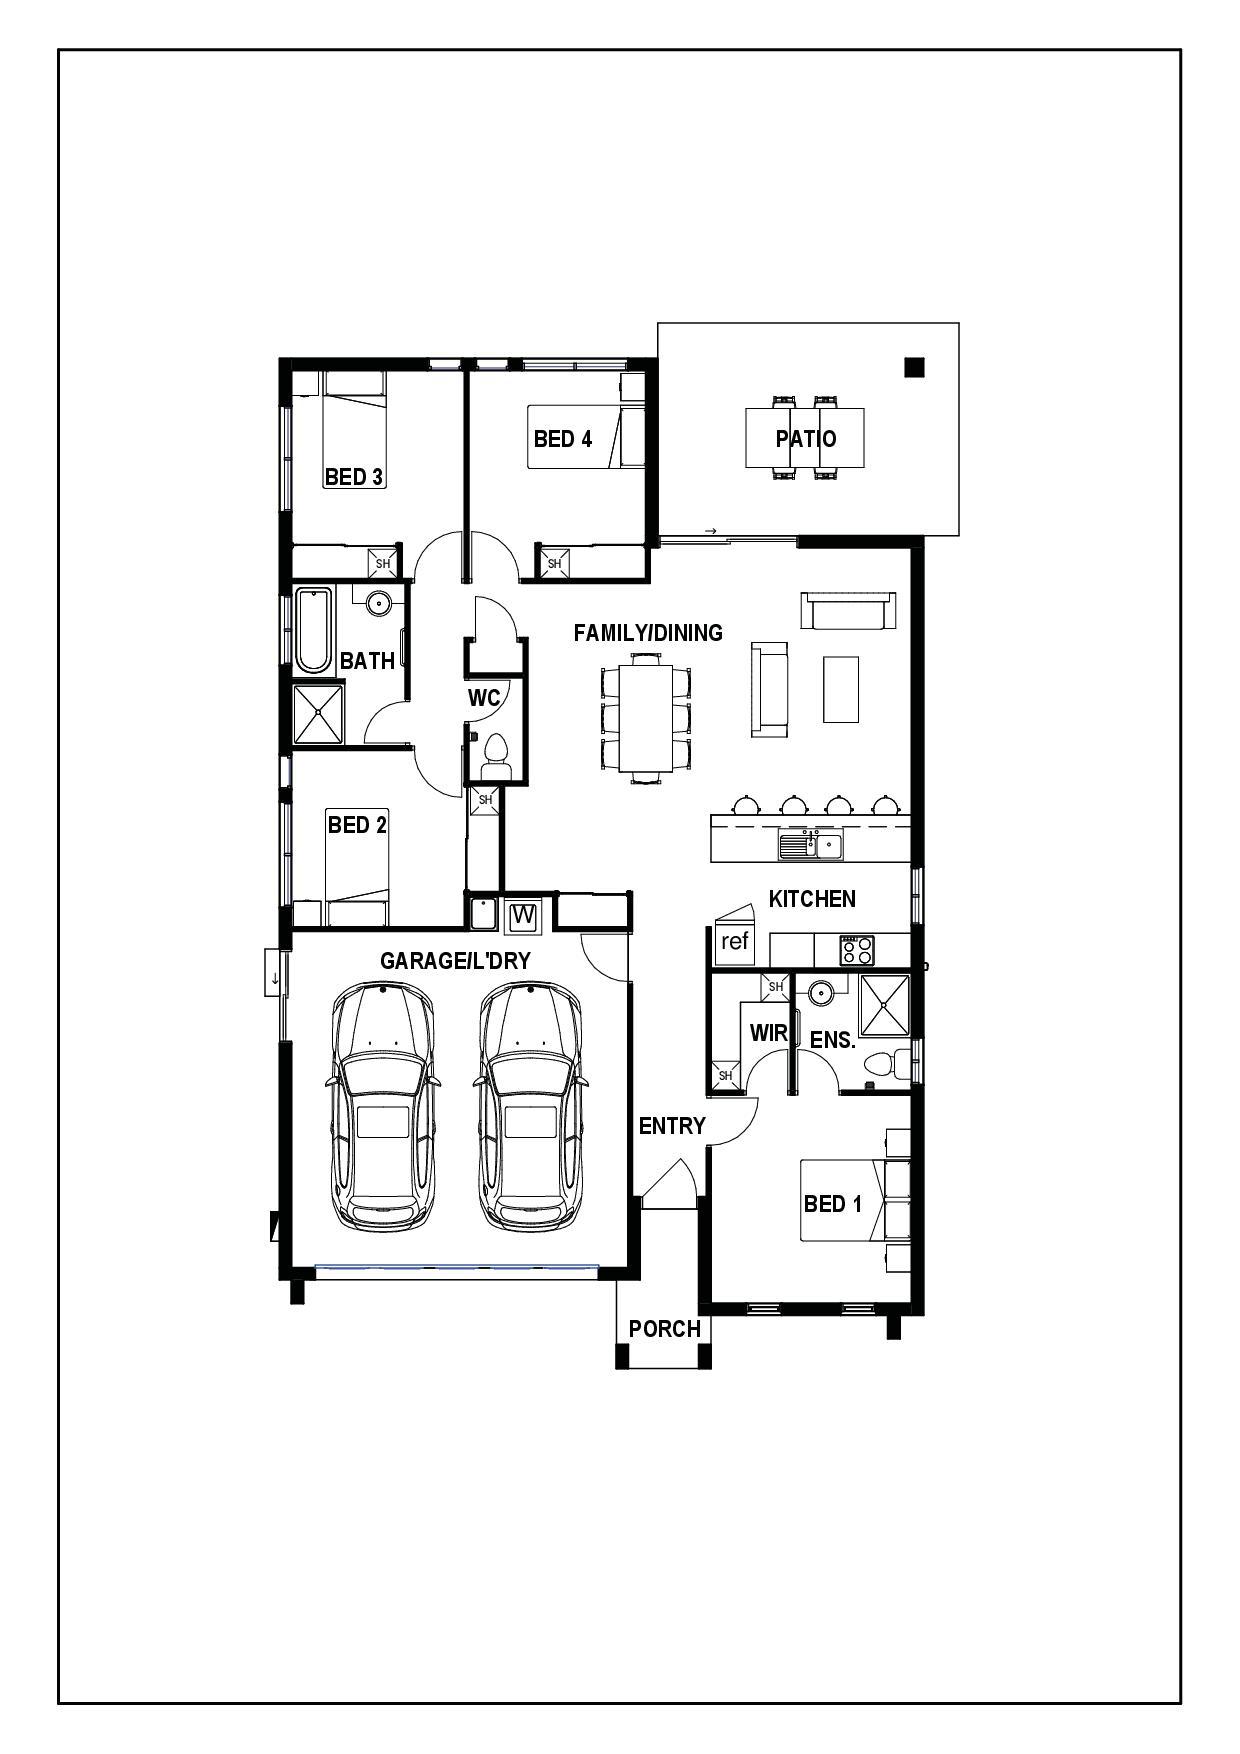 FLINDERS 177 A - Floor Plan.jpg